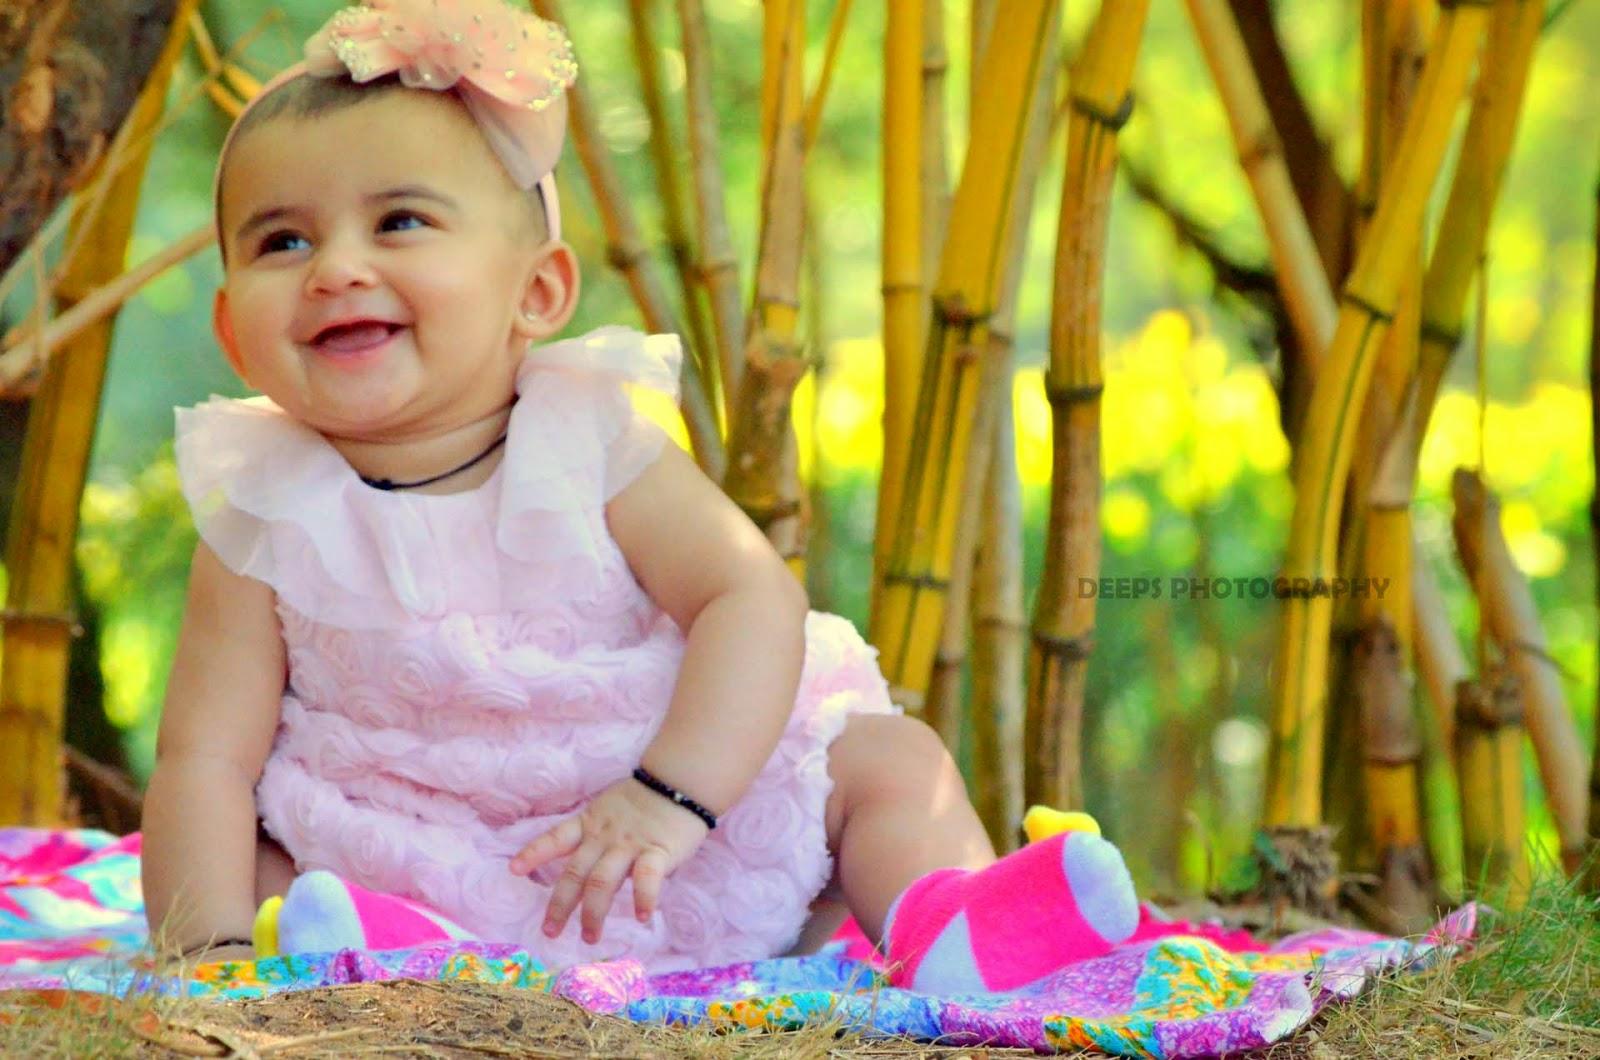 Kumpulan Gambar Bayi Perempuan Paling Imut Dan Lucu Banget 2018